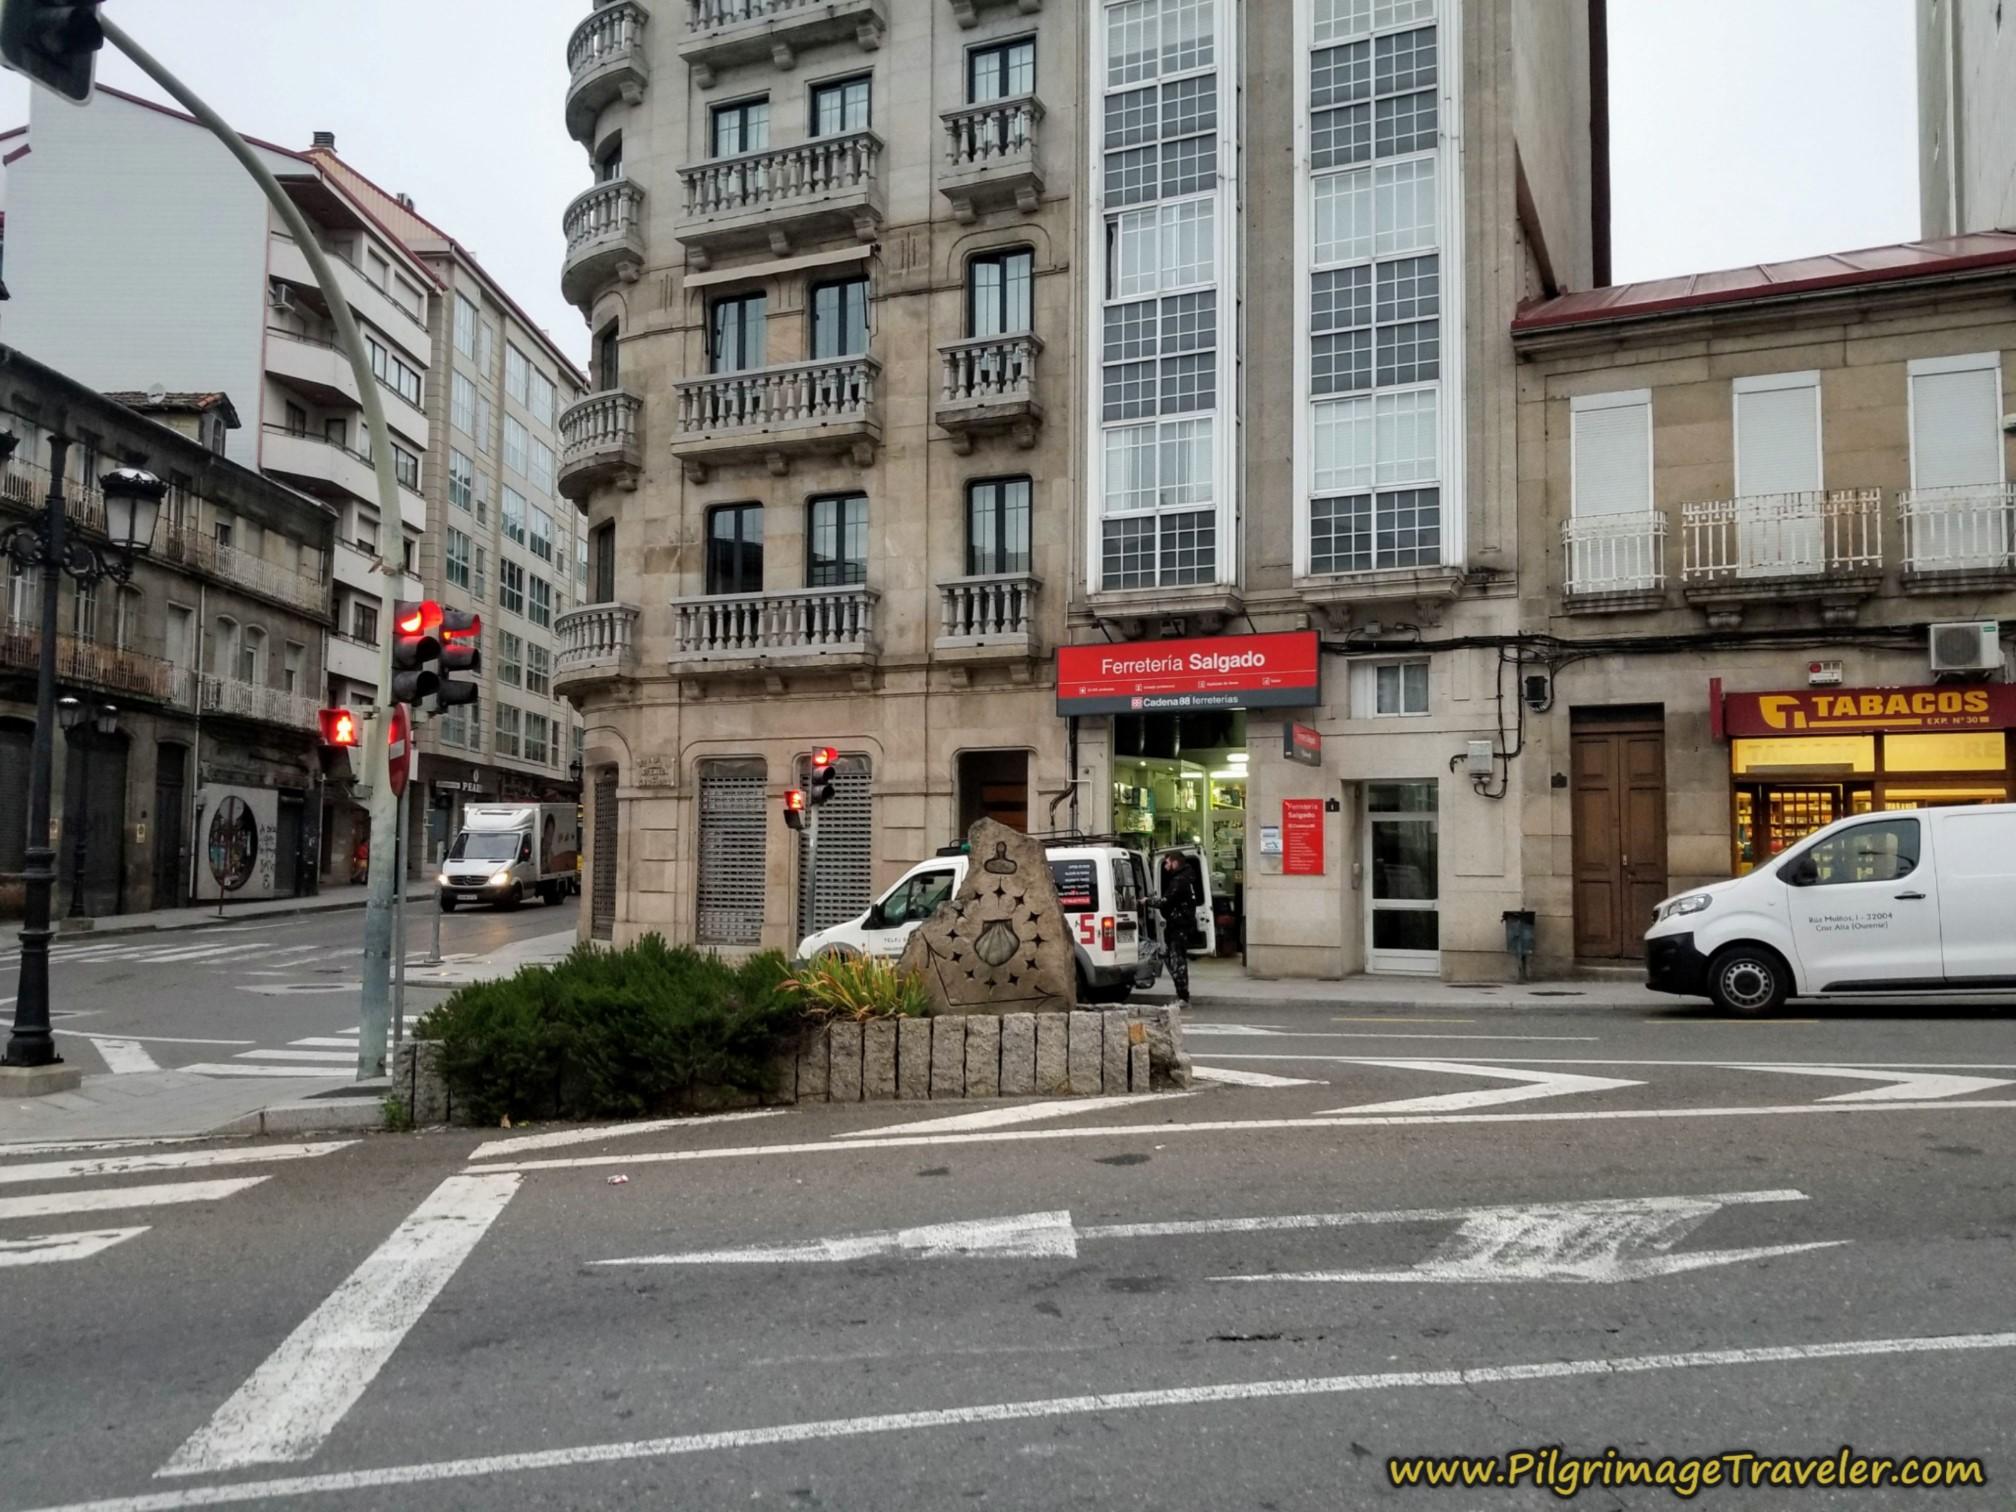 Right Turn onto the Avenida de Santiago